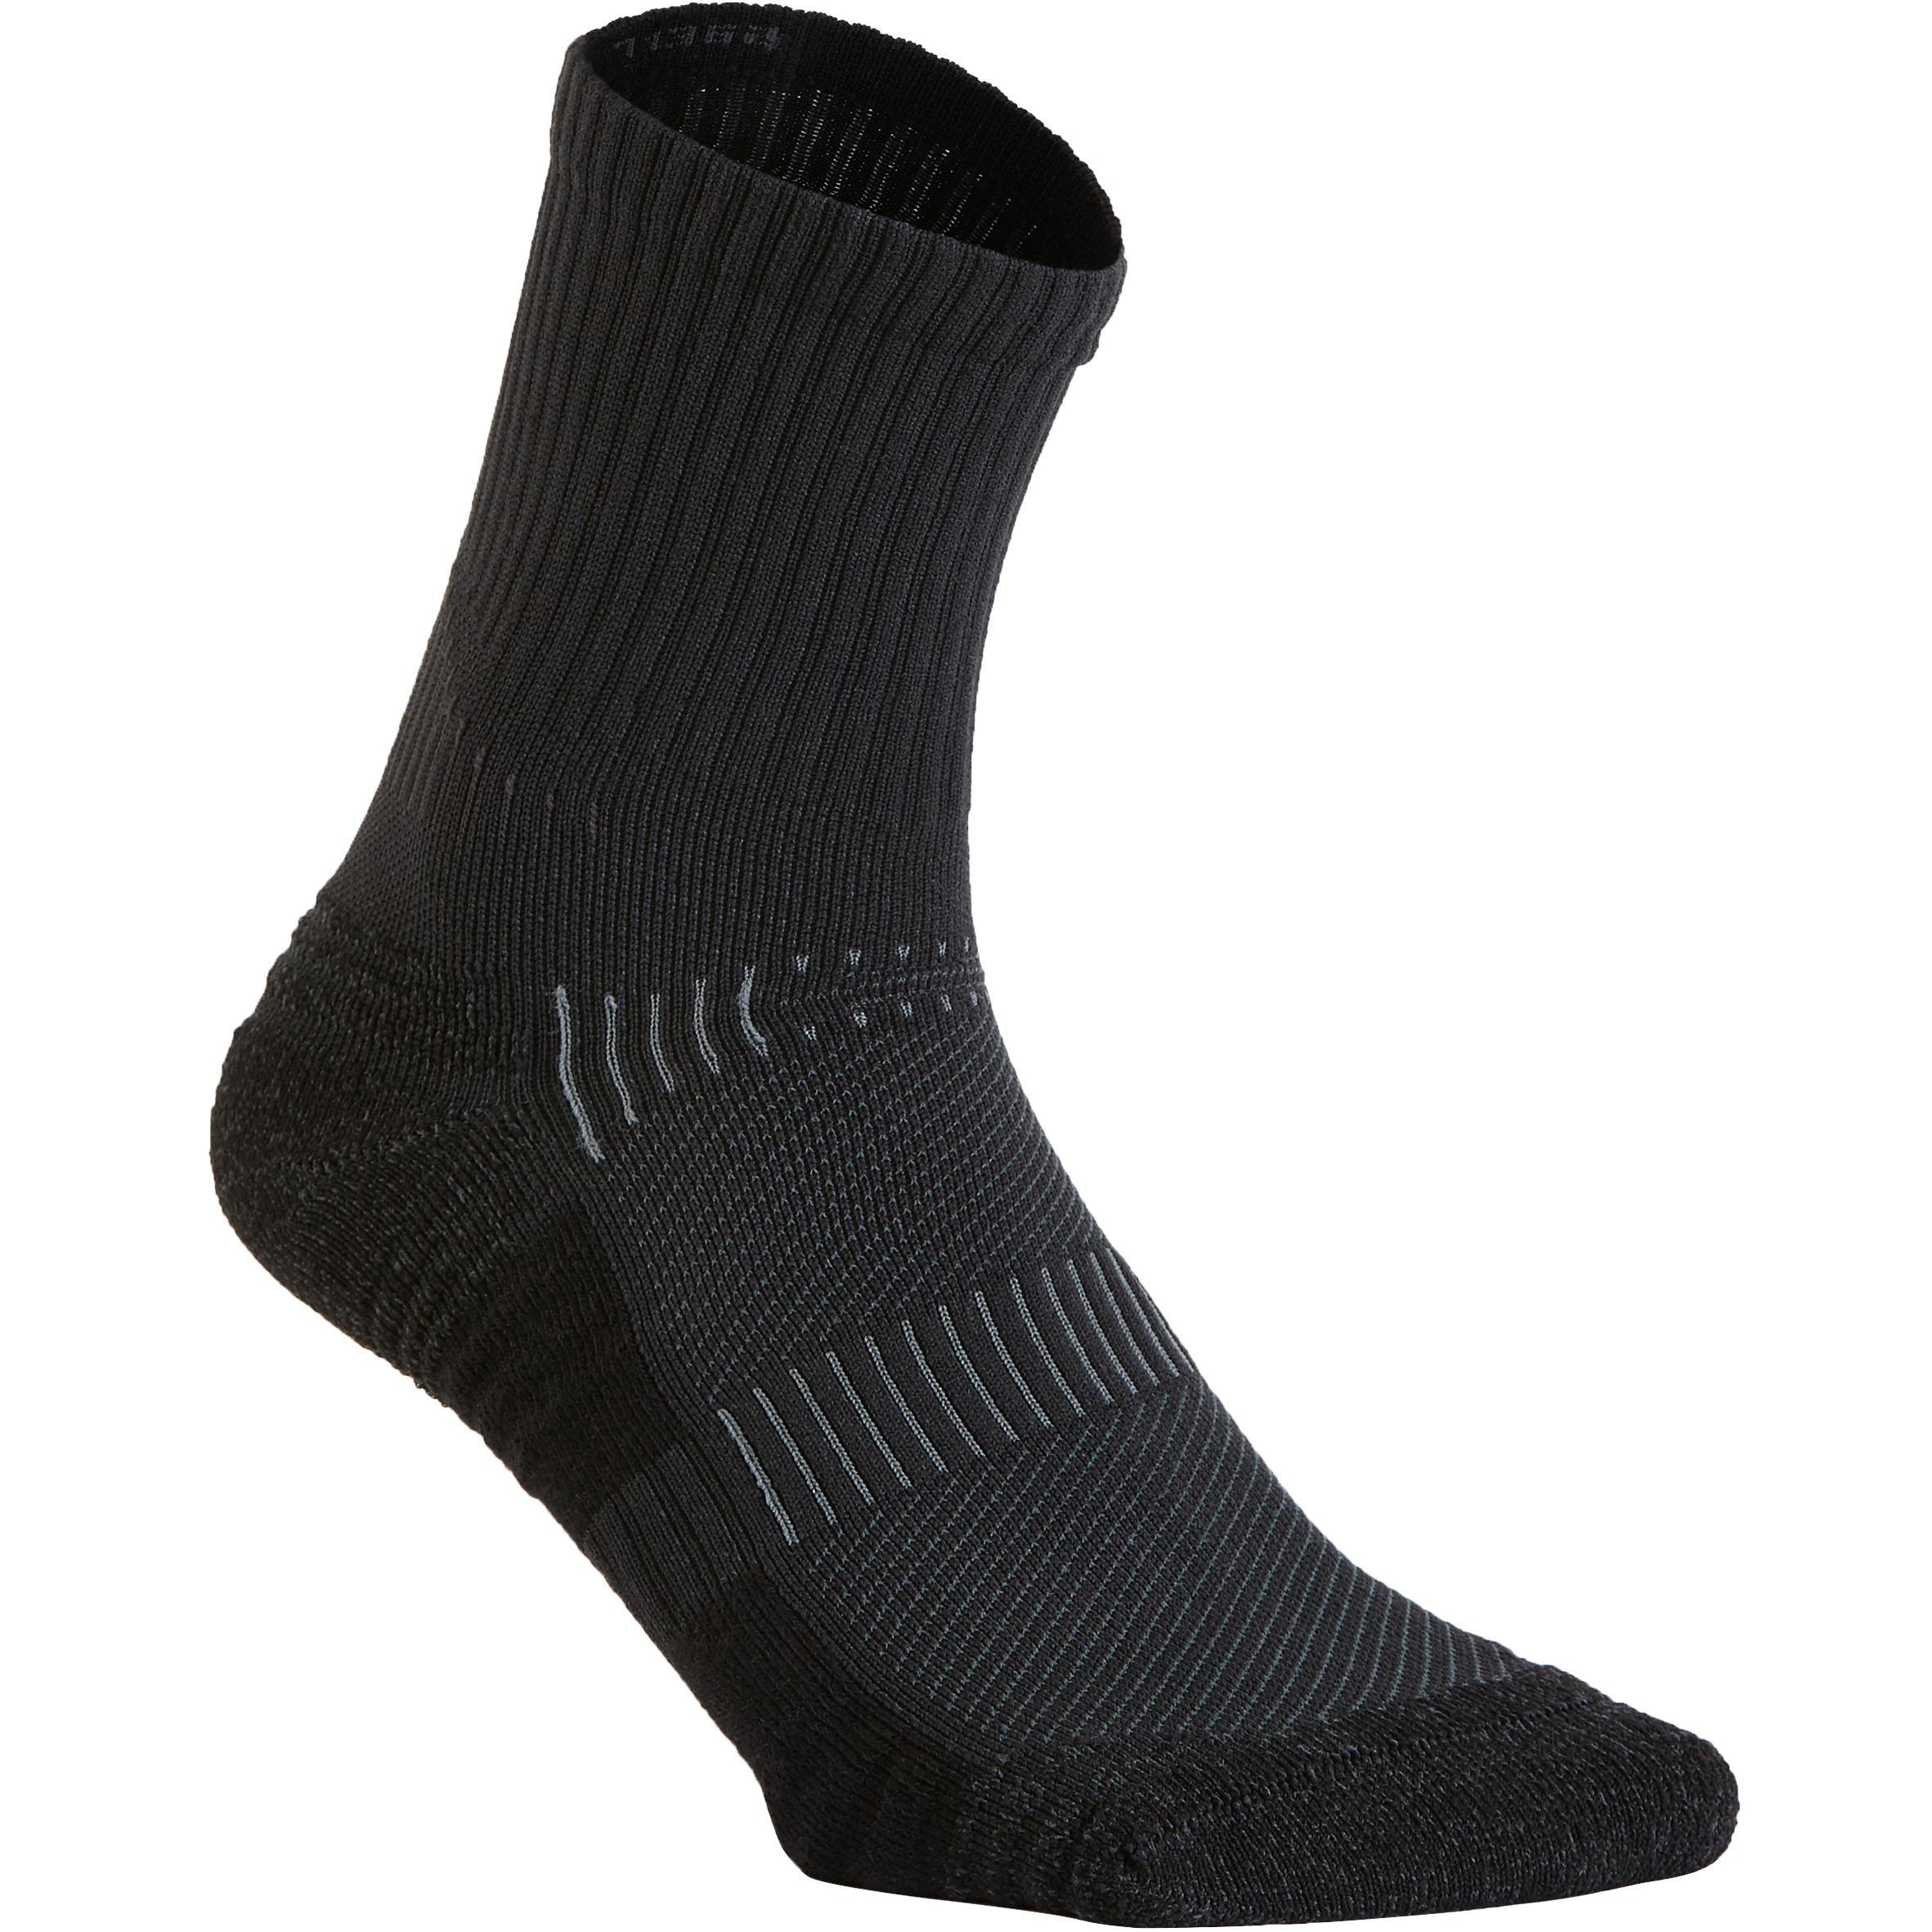 Newfeel Sokken voor sportief wandelen WS 500 mid zwart kopen